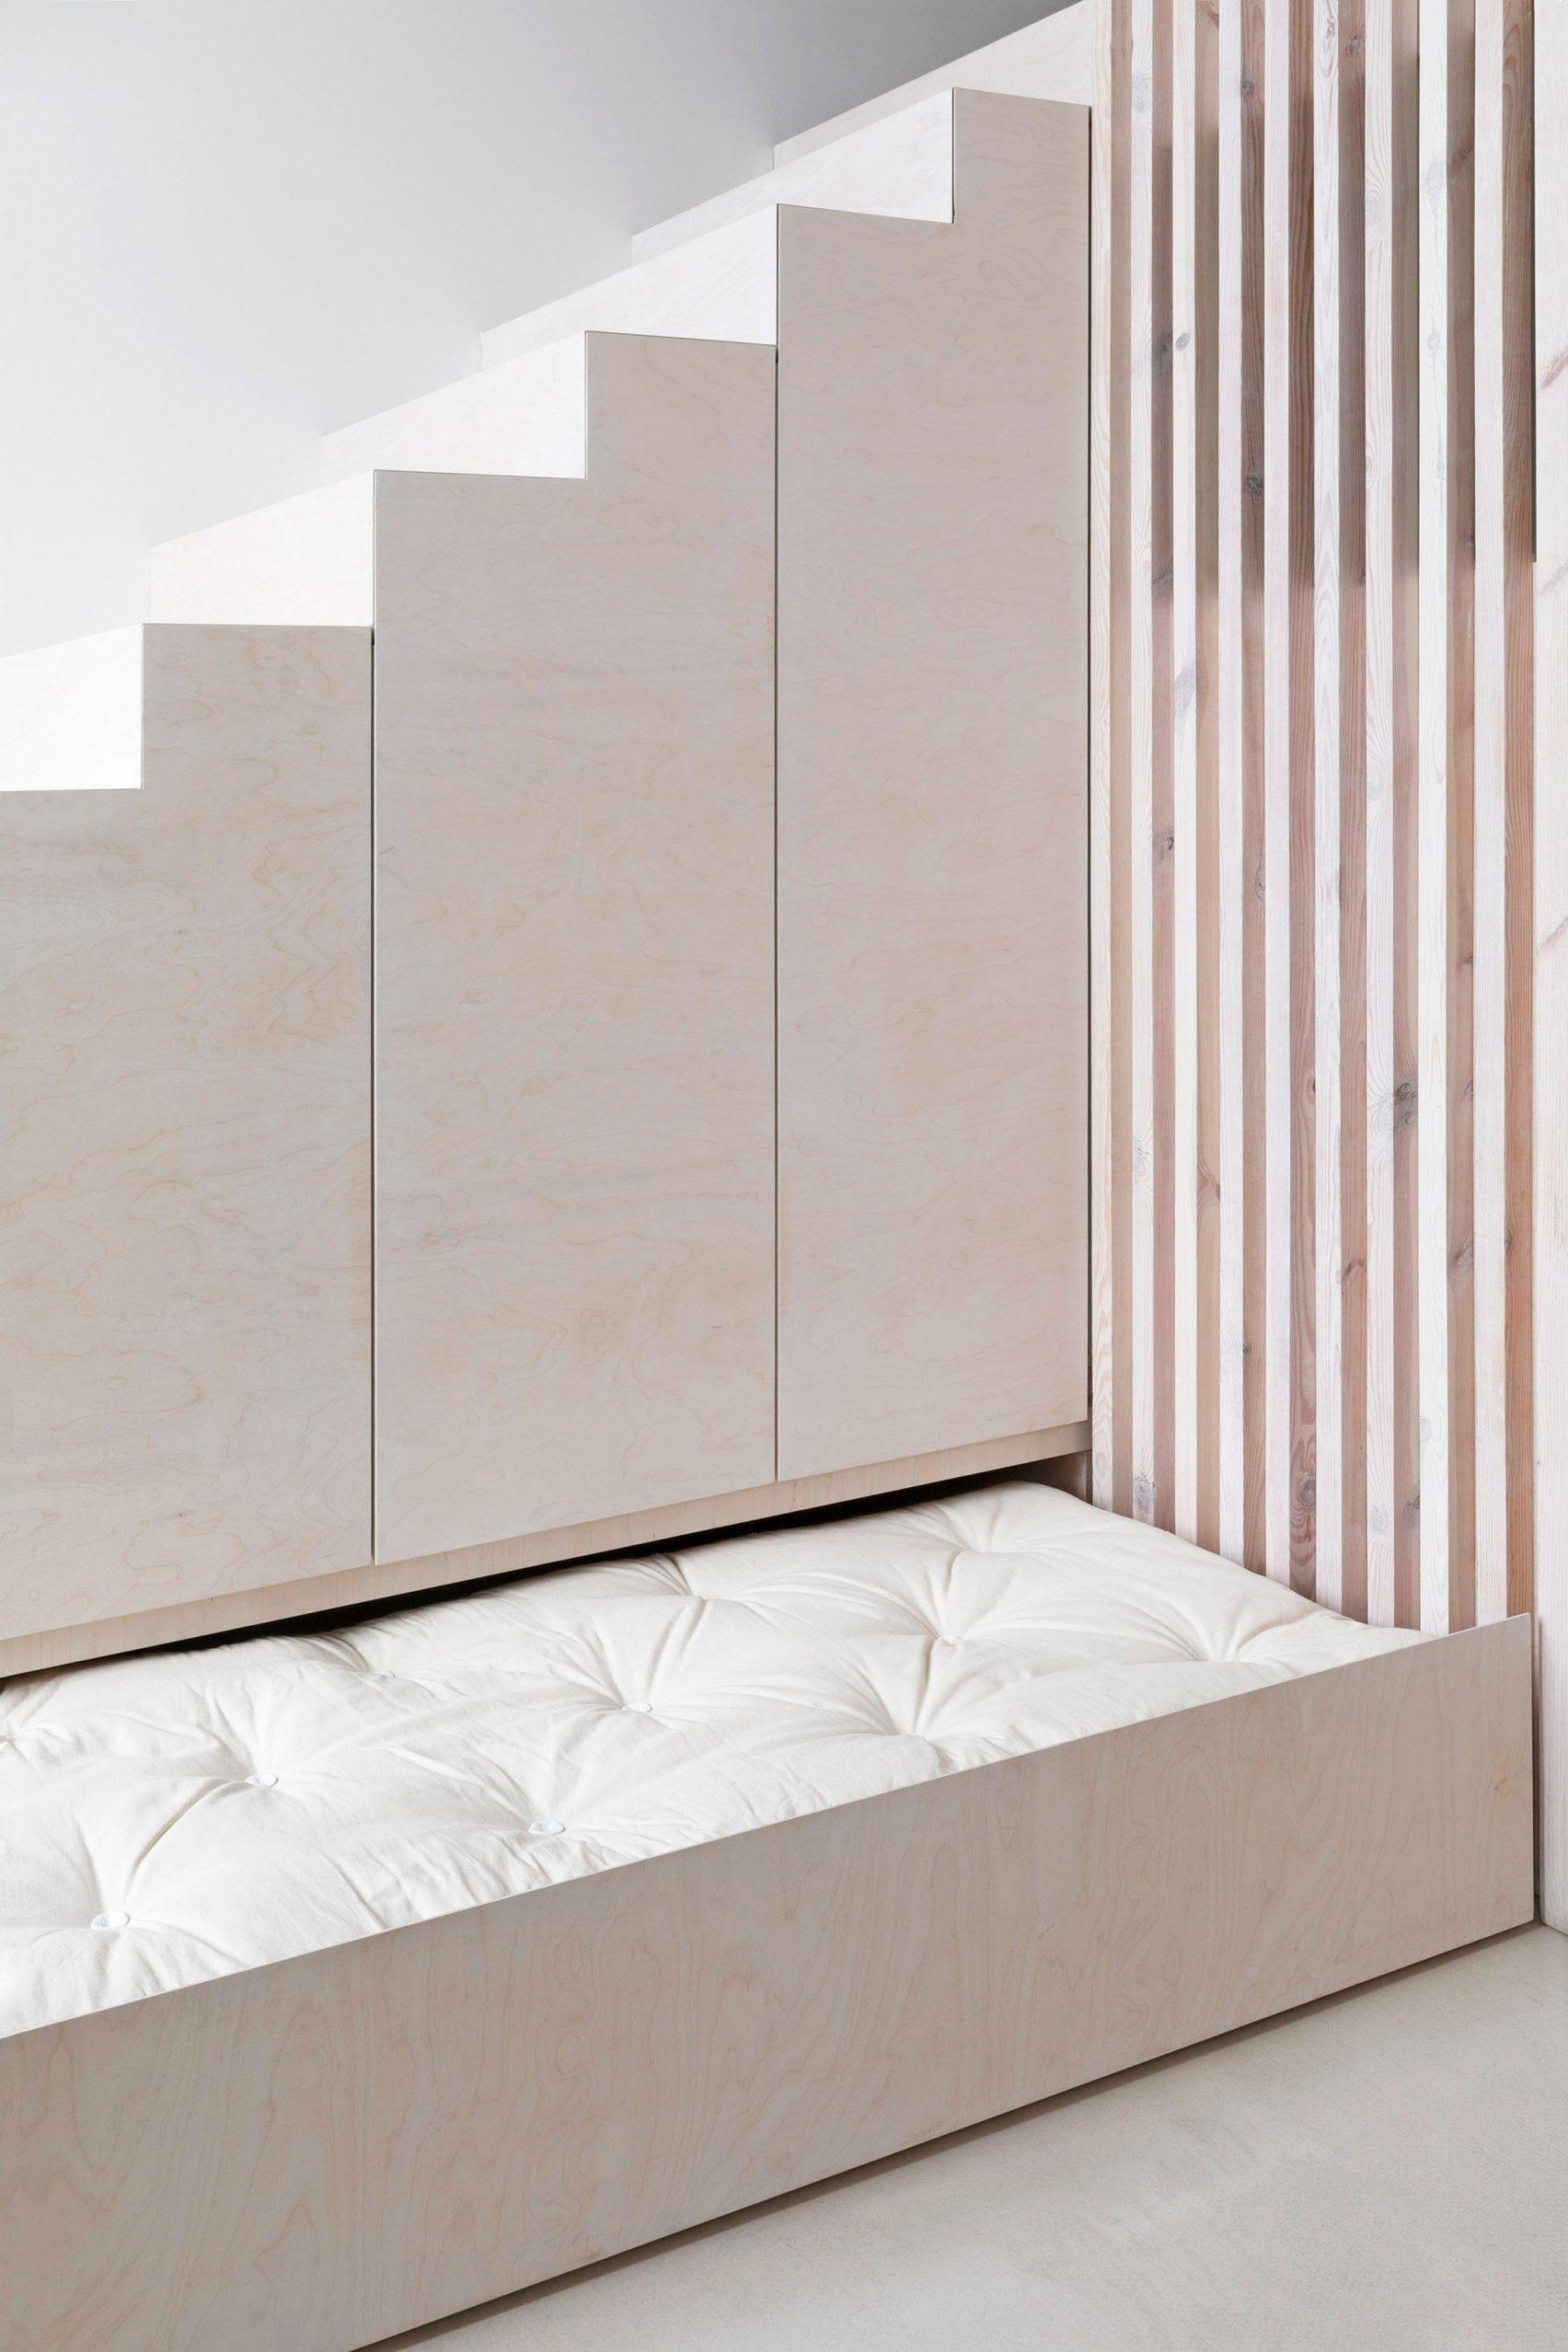 Cama plegable debajo de la escalera / Maja Wirkus